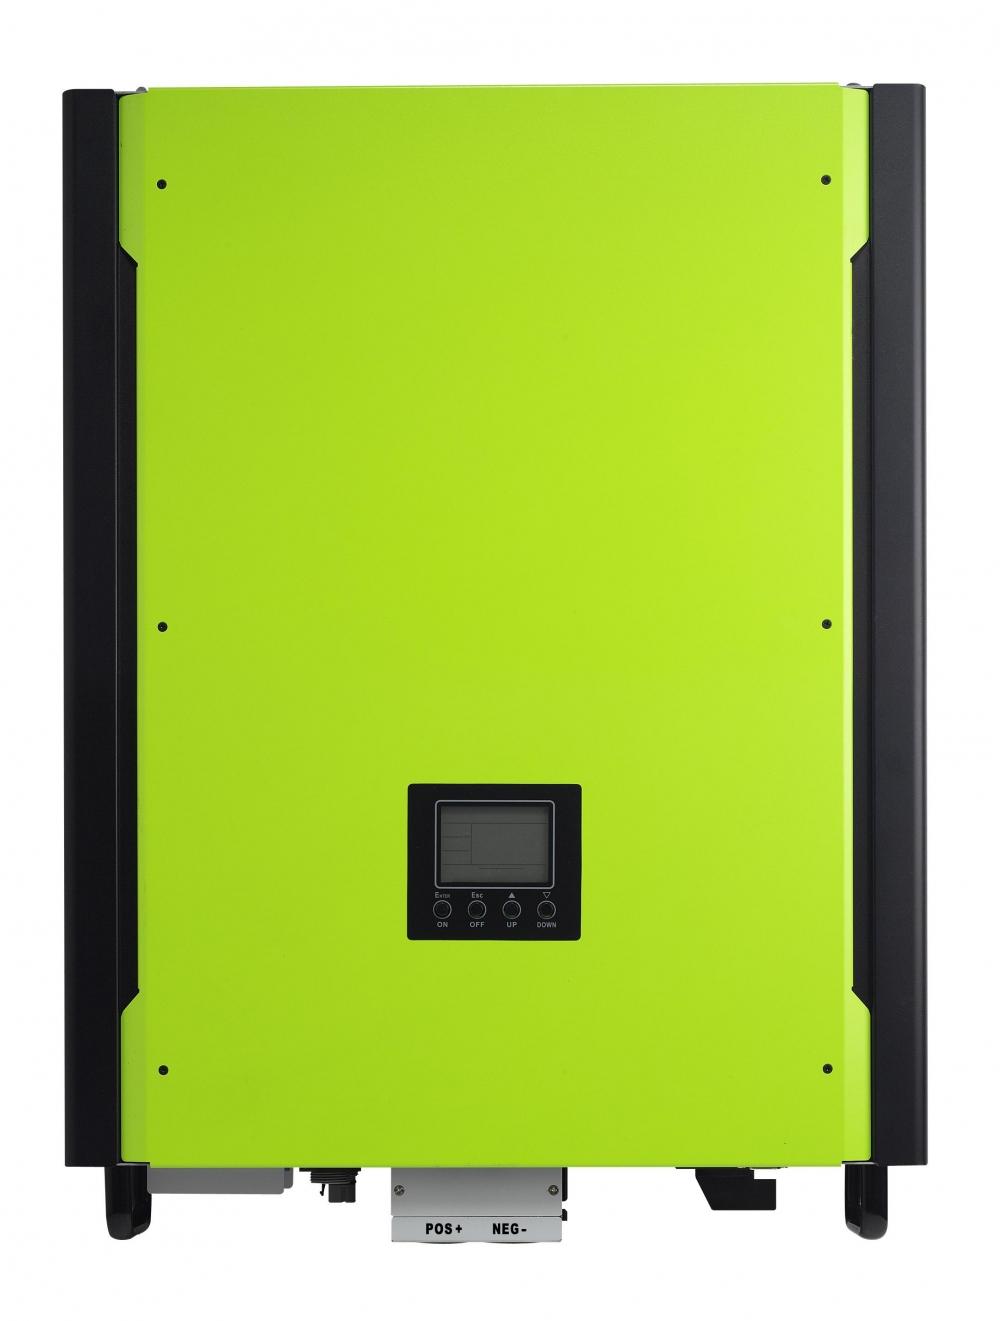 Сетевой солнечный инвертор с резервной функцией 10кВт, 380В, трехфазный (Модель InfiniSolar 10kW) - 2